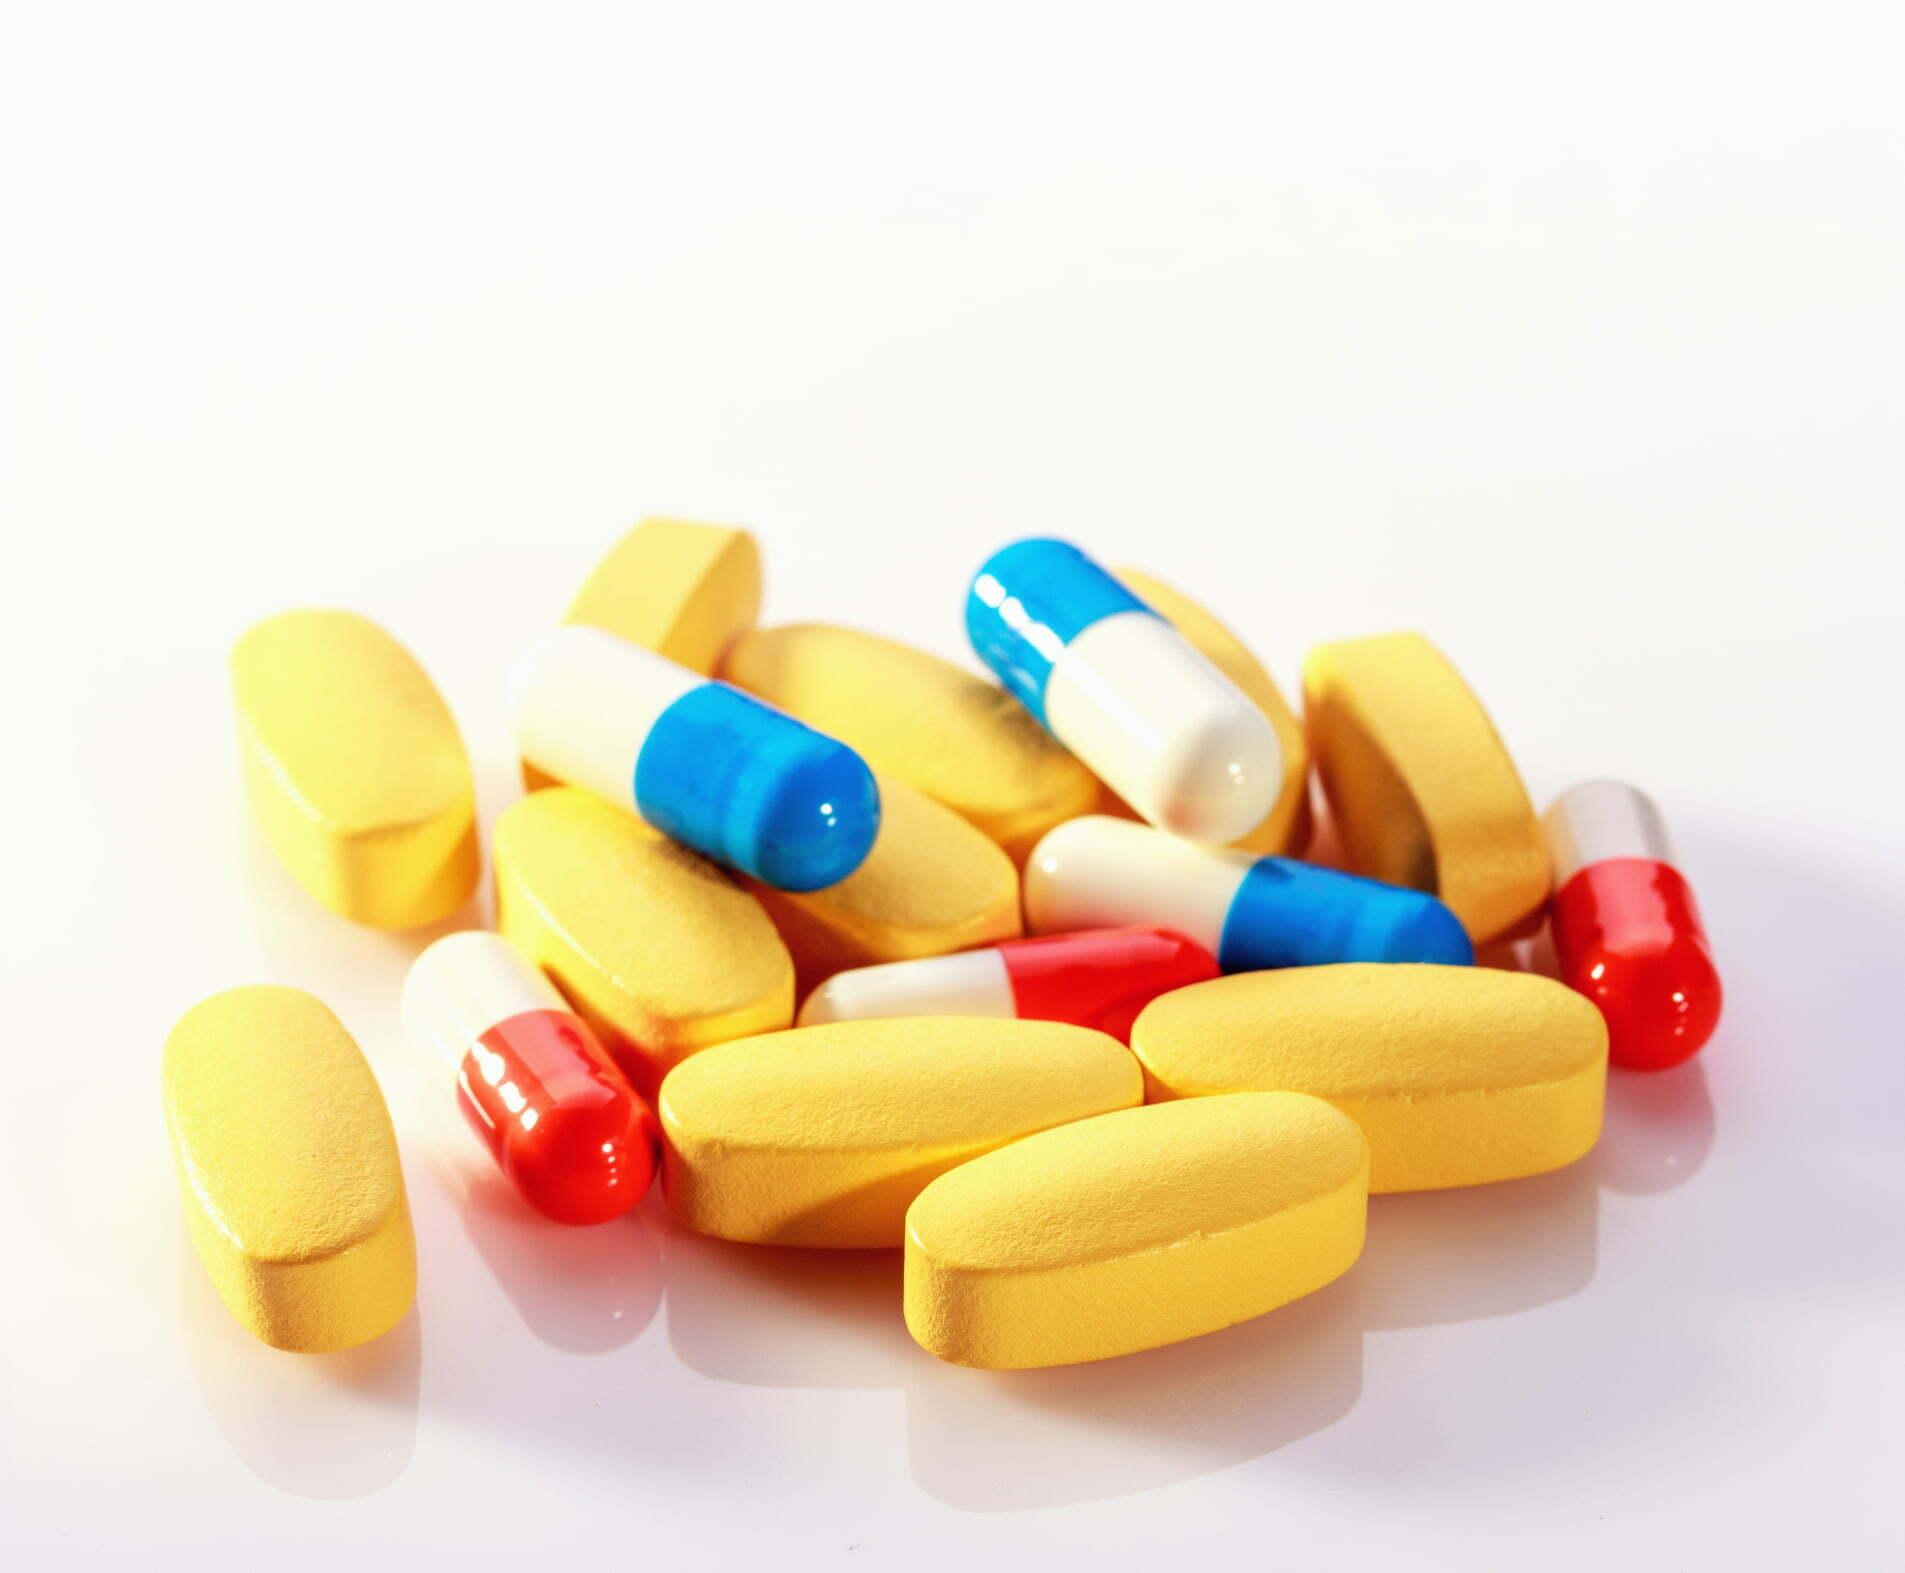 Cum se trateaza osteocondroza?, Medicamente moderne în tratamentul osteochondrozei